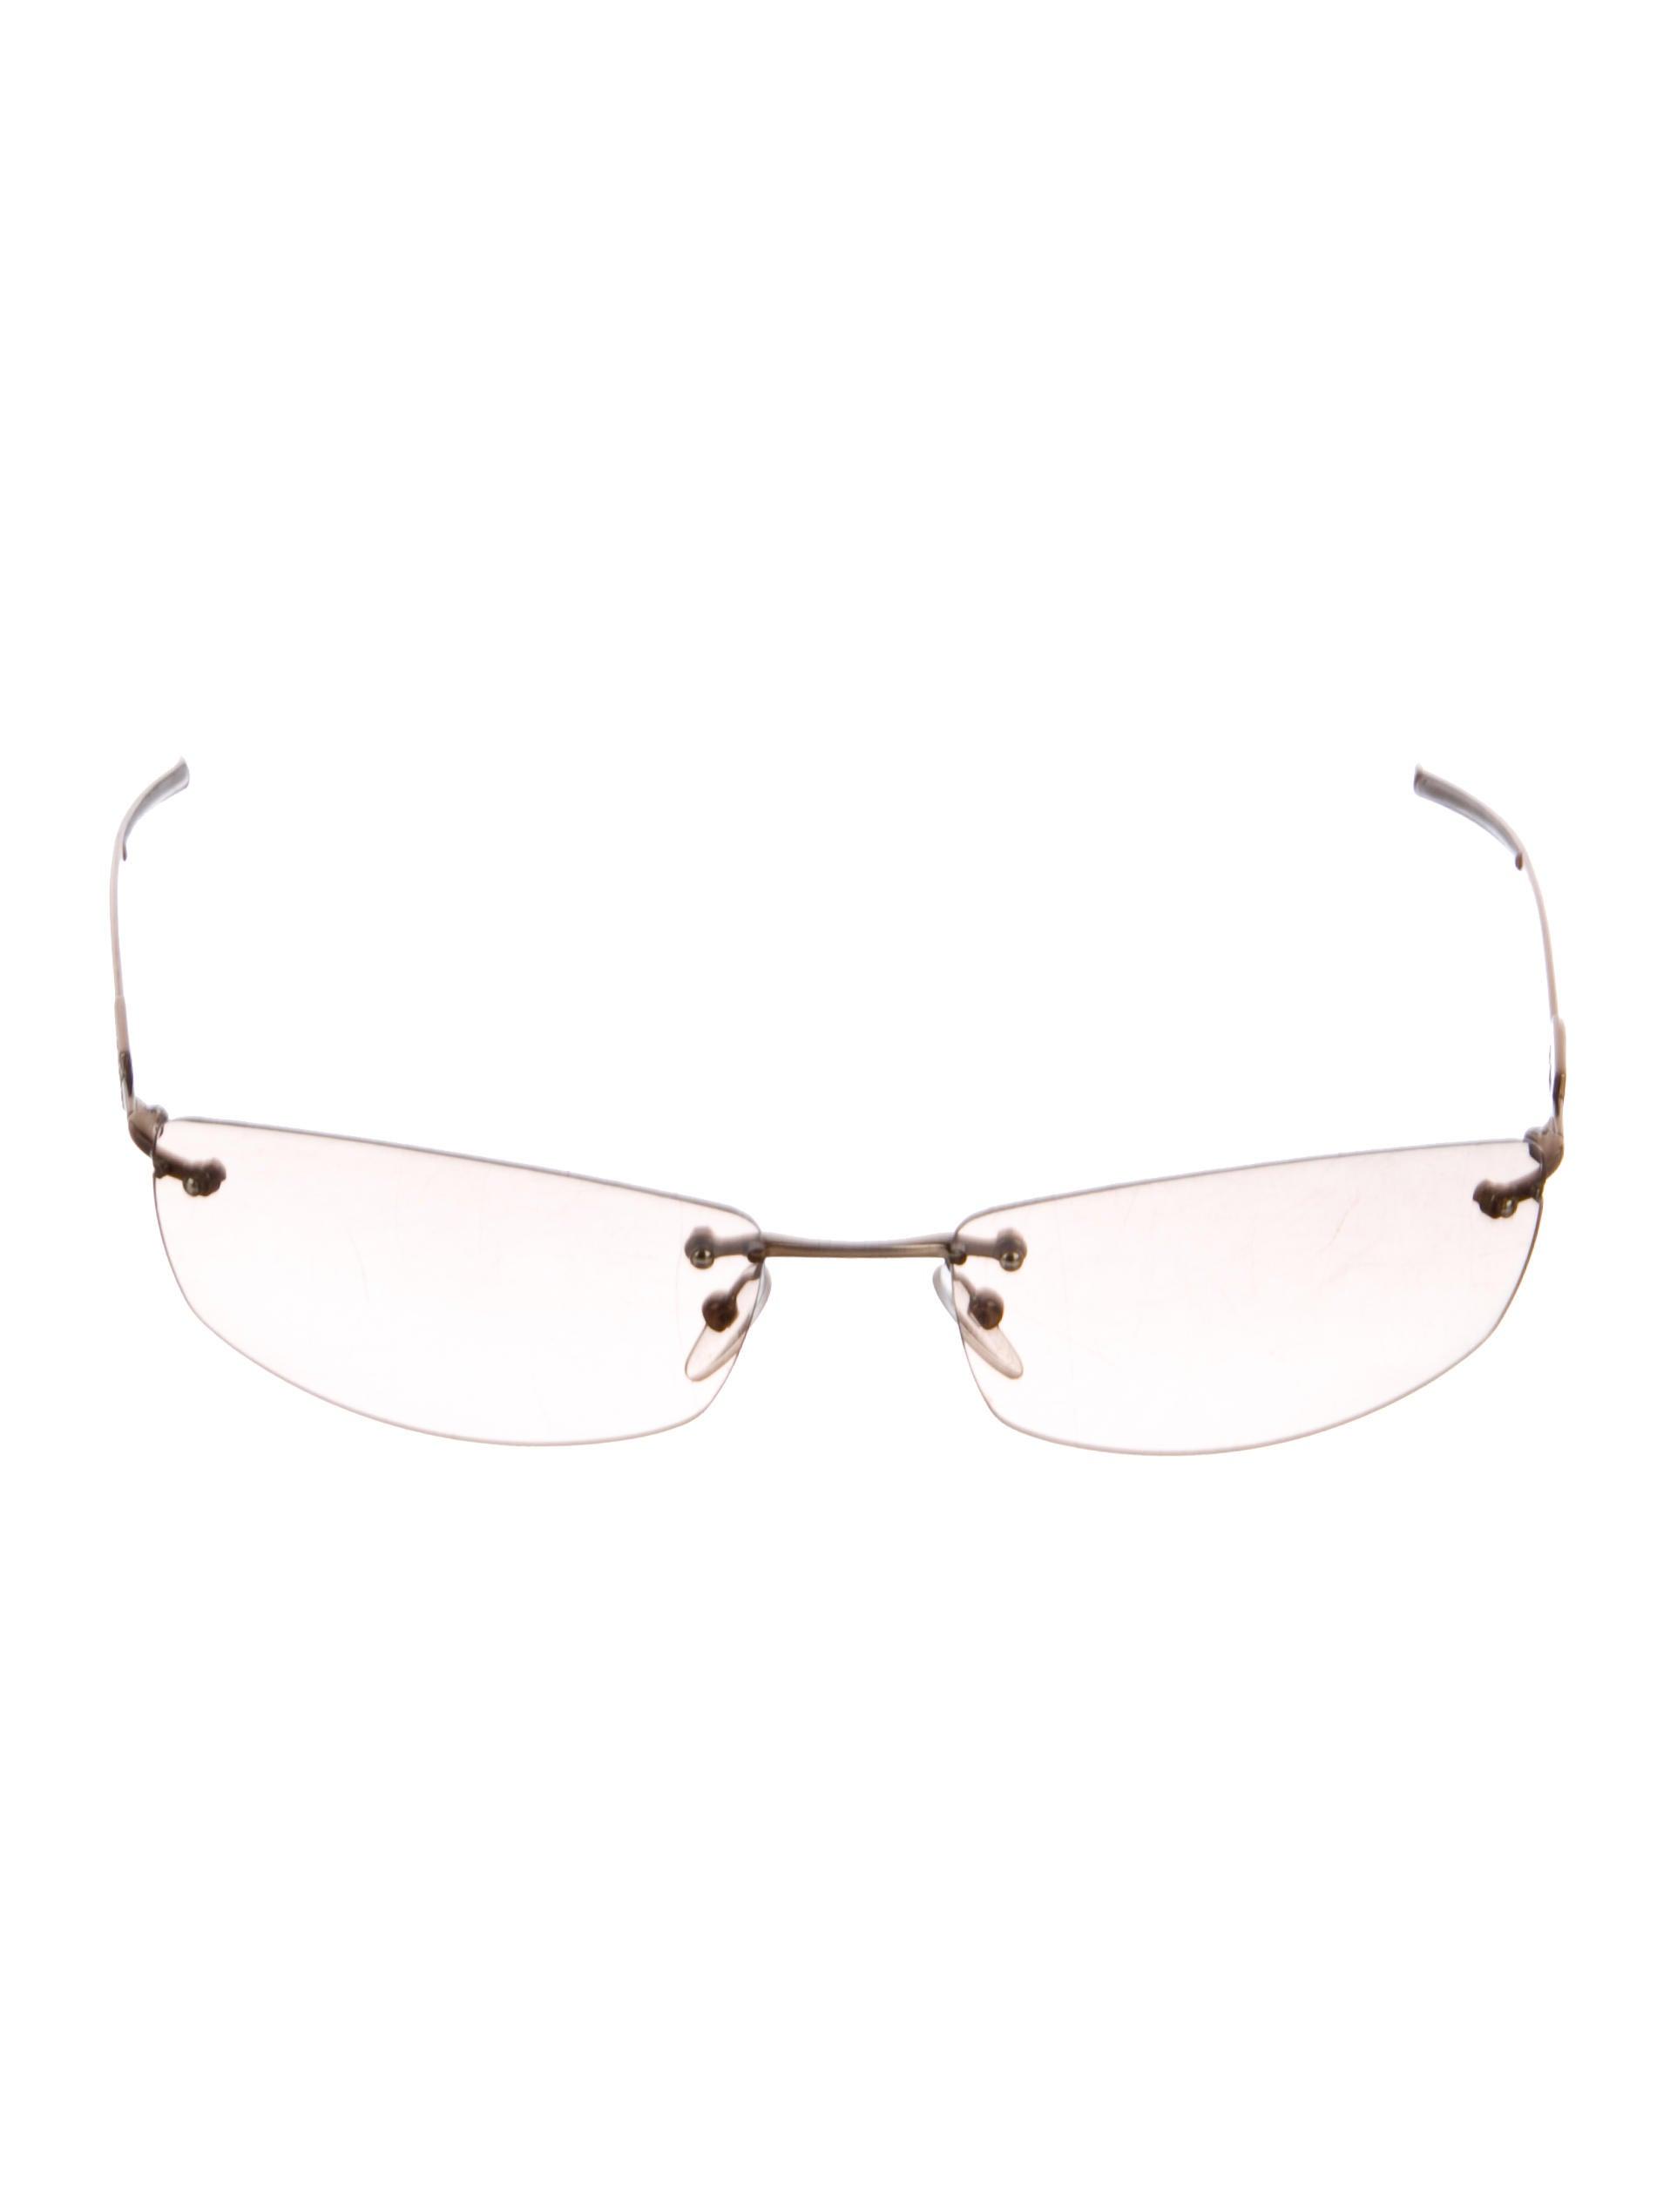 a0ad596556e Gucci Strass Rimless Sunglasses - Accessories - GUC225273